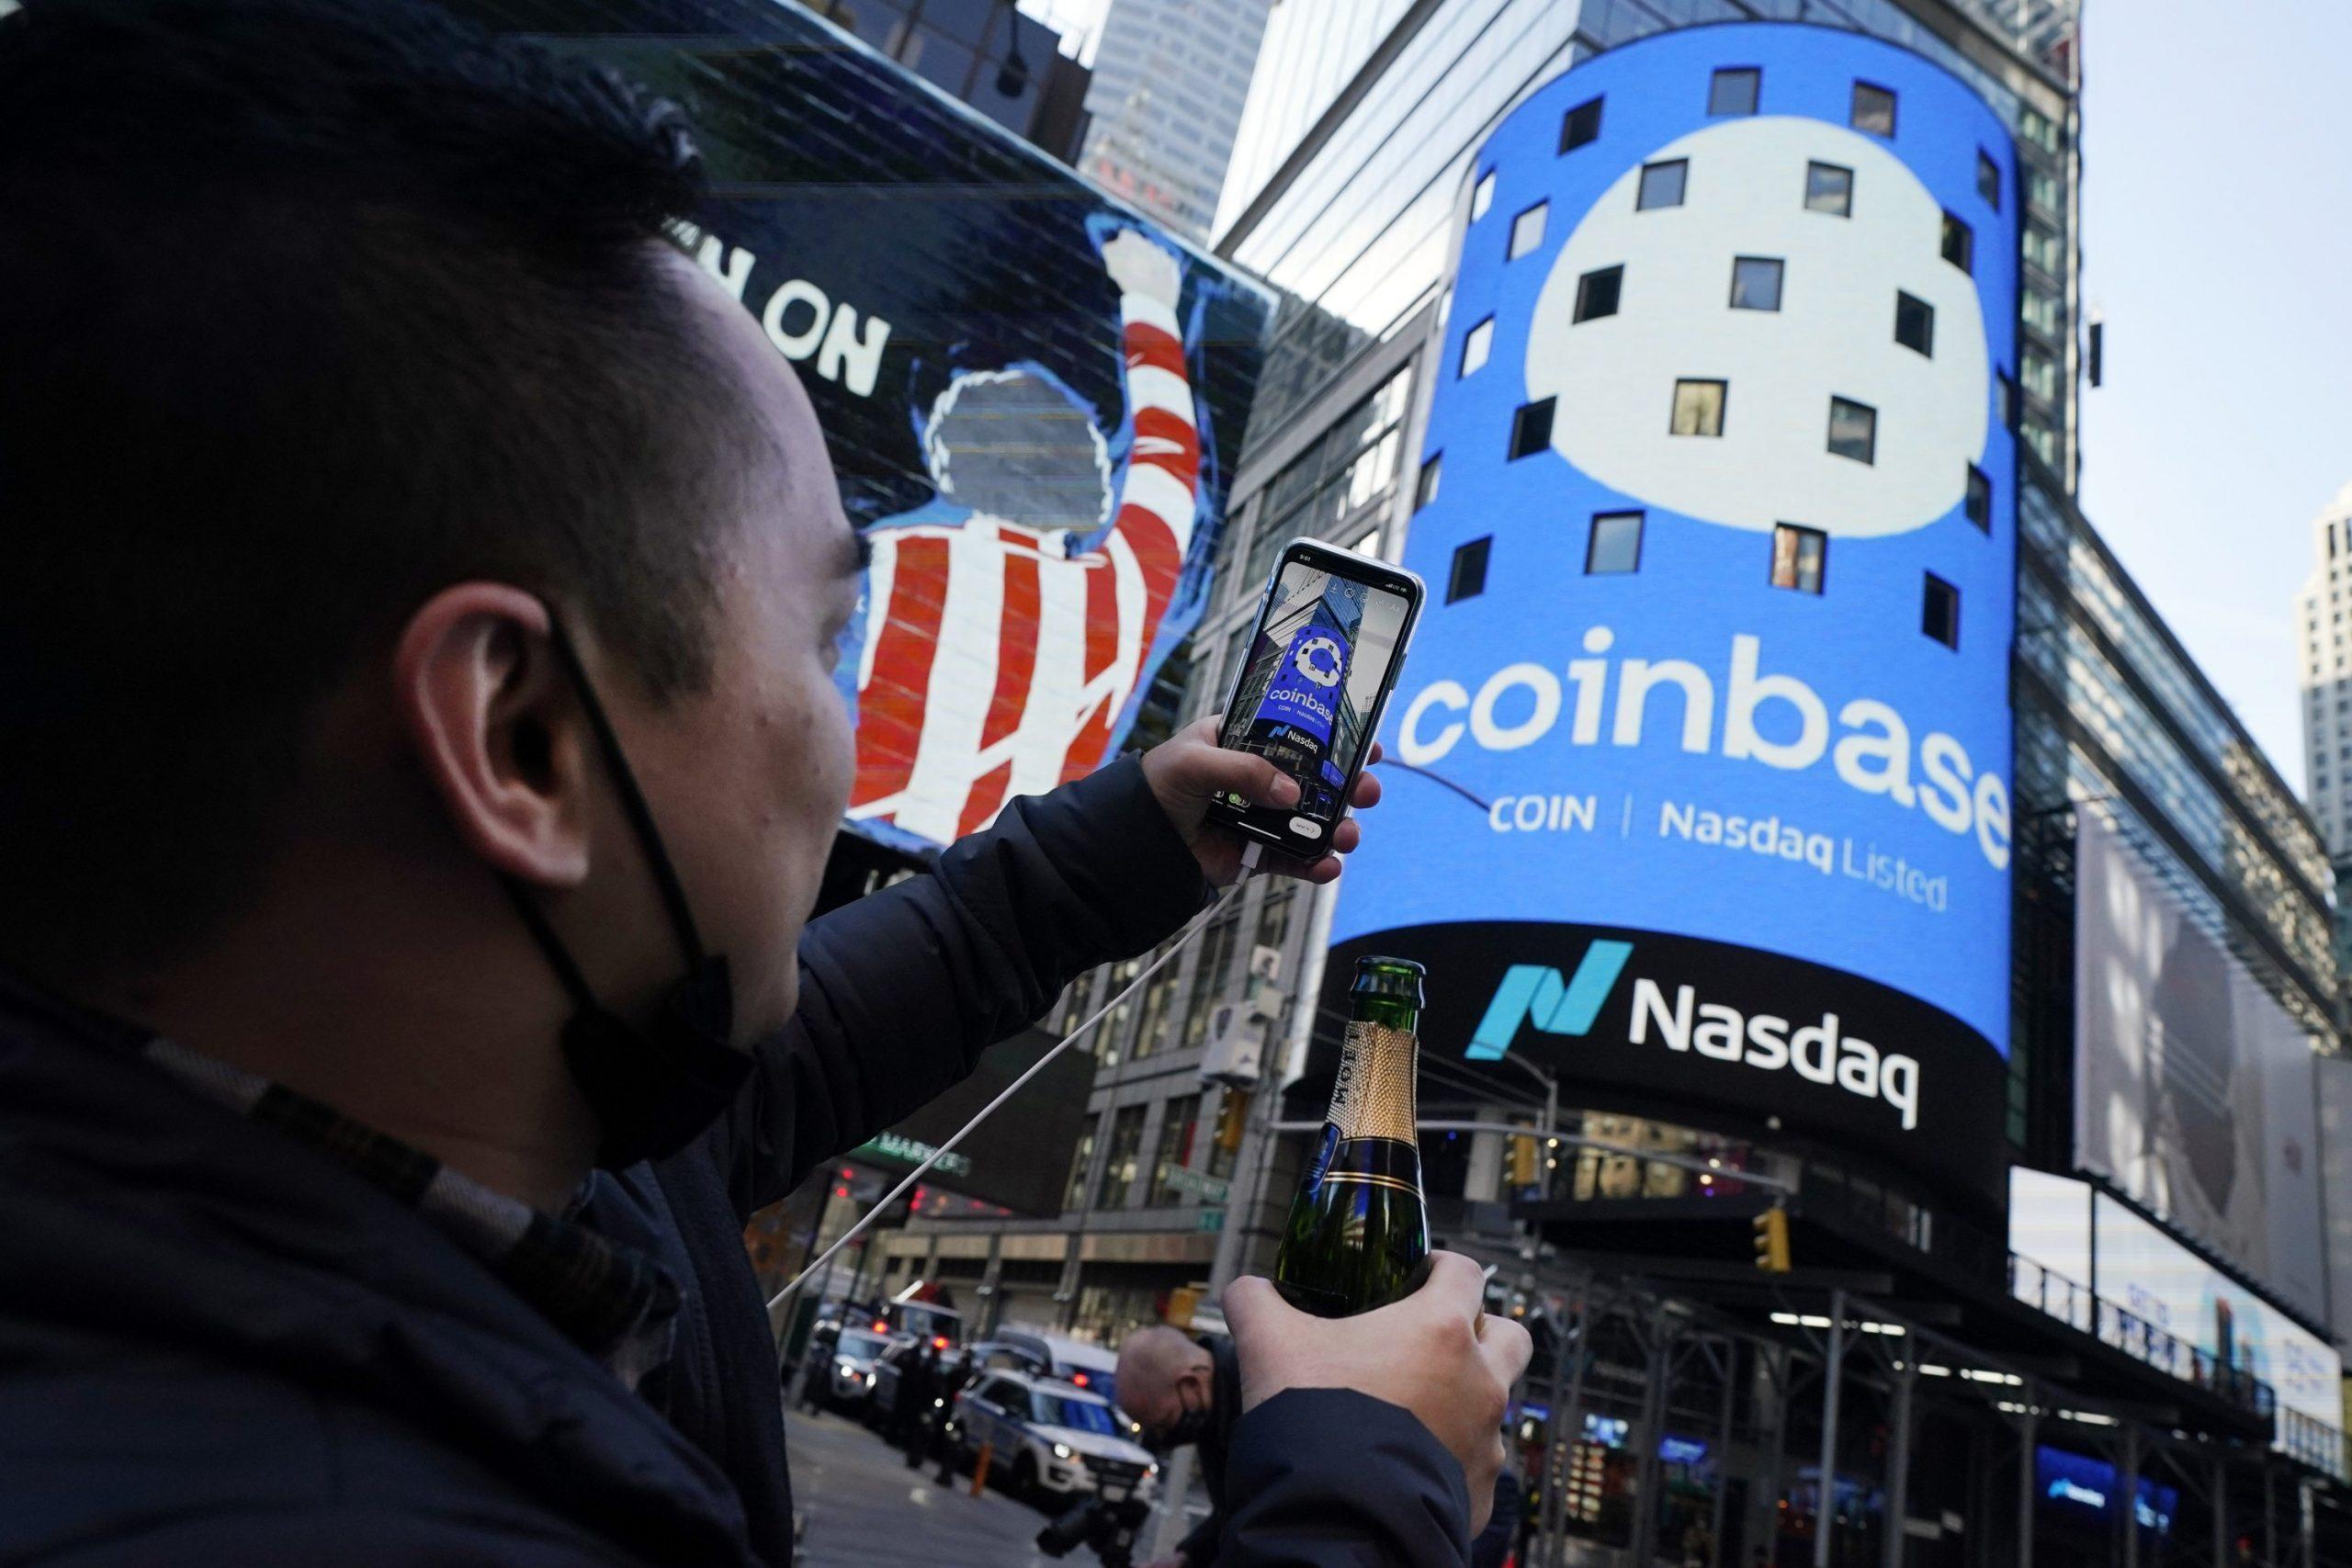 Coinbase varaa 4 miljardia dollaria käteistä valmiina mahdollisia kryptovaluutta karhumarkkinoita varten